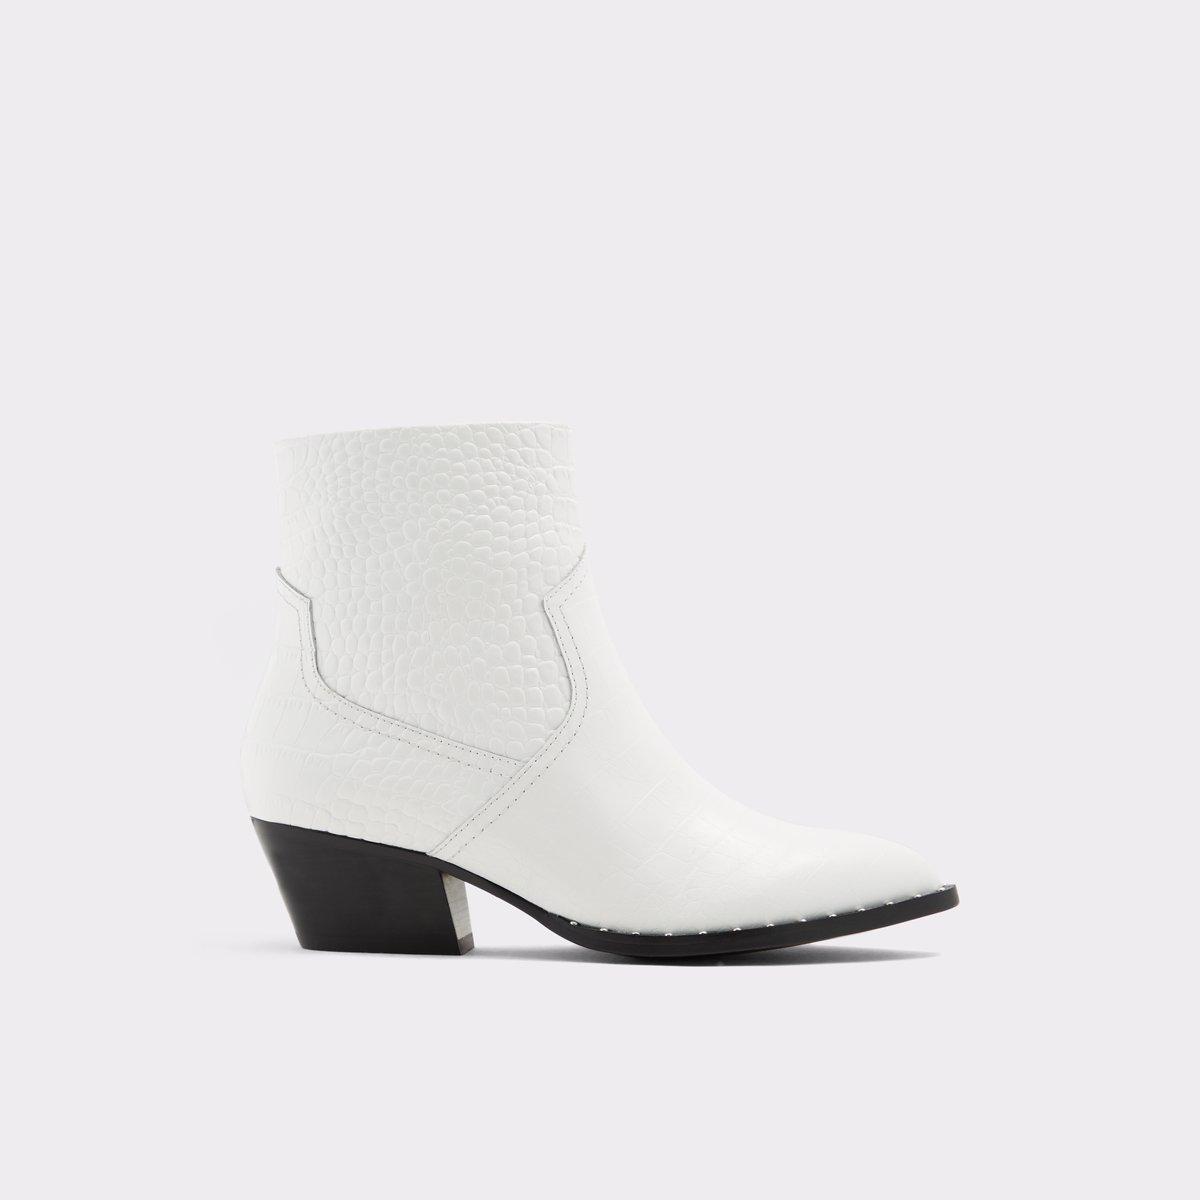 Agroacia White Women's Boots   ALDO US